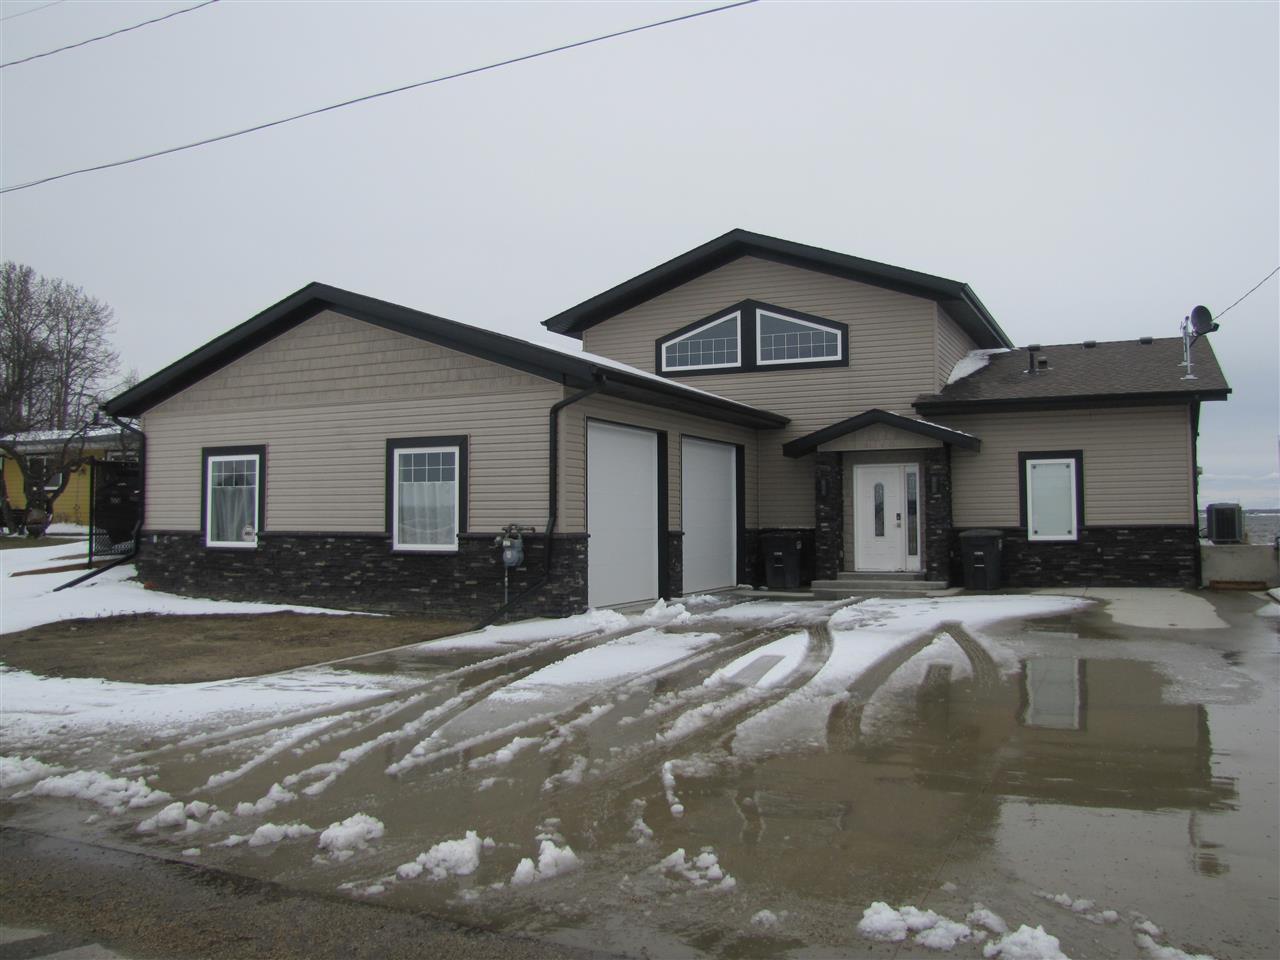 6808 50 Avenue, Rural Lac Ste. Anne County, MLS® # E4142655